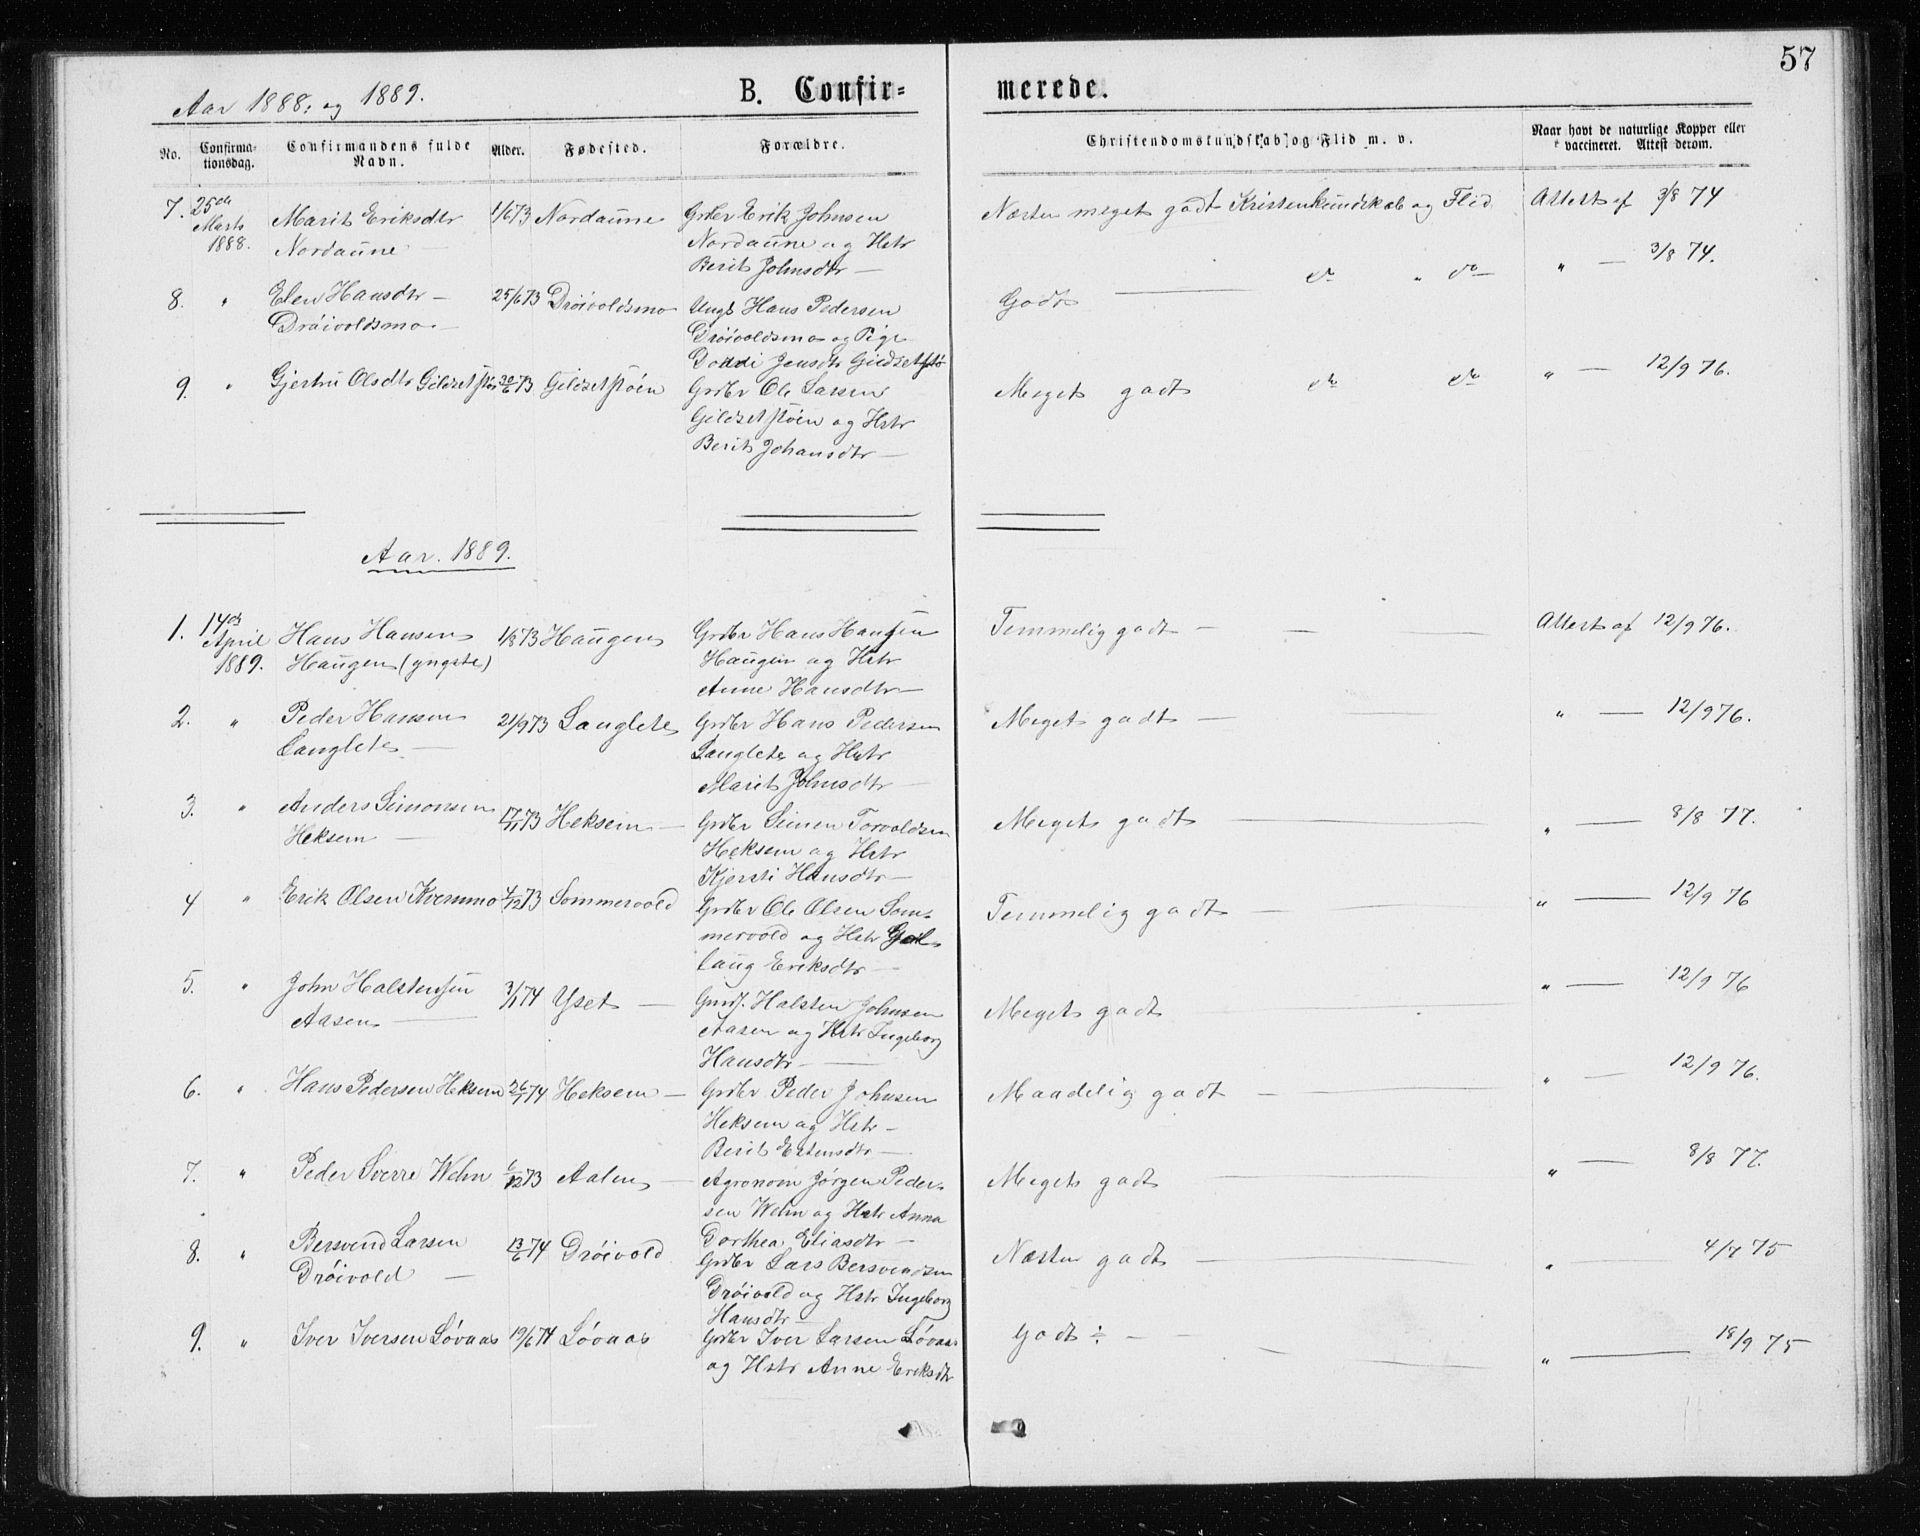 SAT, Ministerialprotokoller, klokkerbøker og fødselsregistre - Sør-Trøndelag, 685/L0977: Klokkerbok nr. 685C02, 1879-1890, s. 57